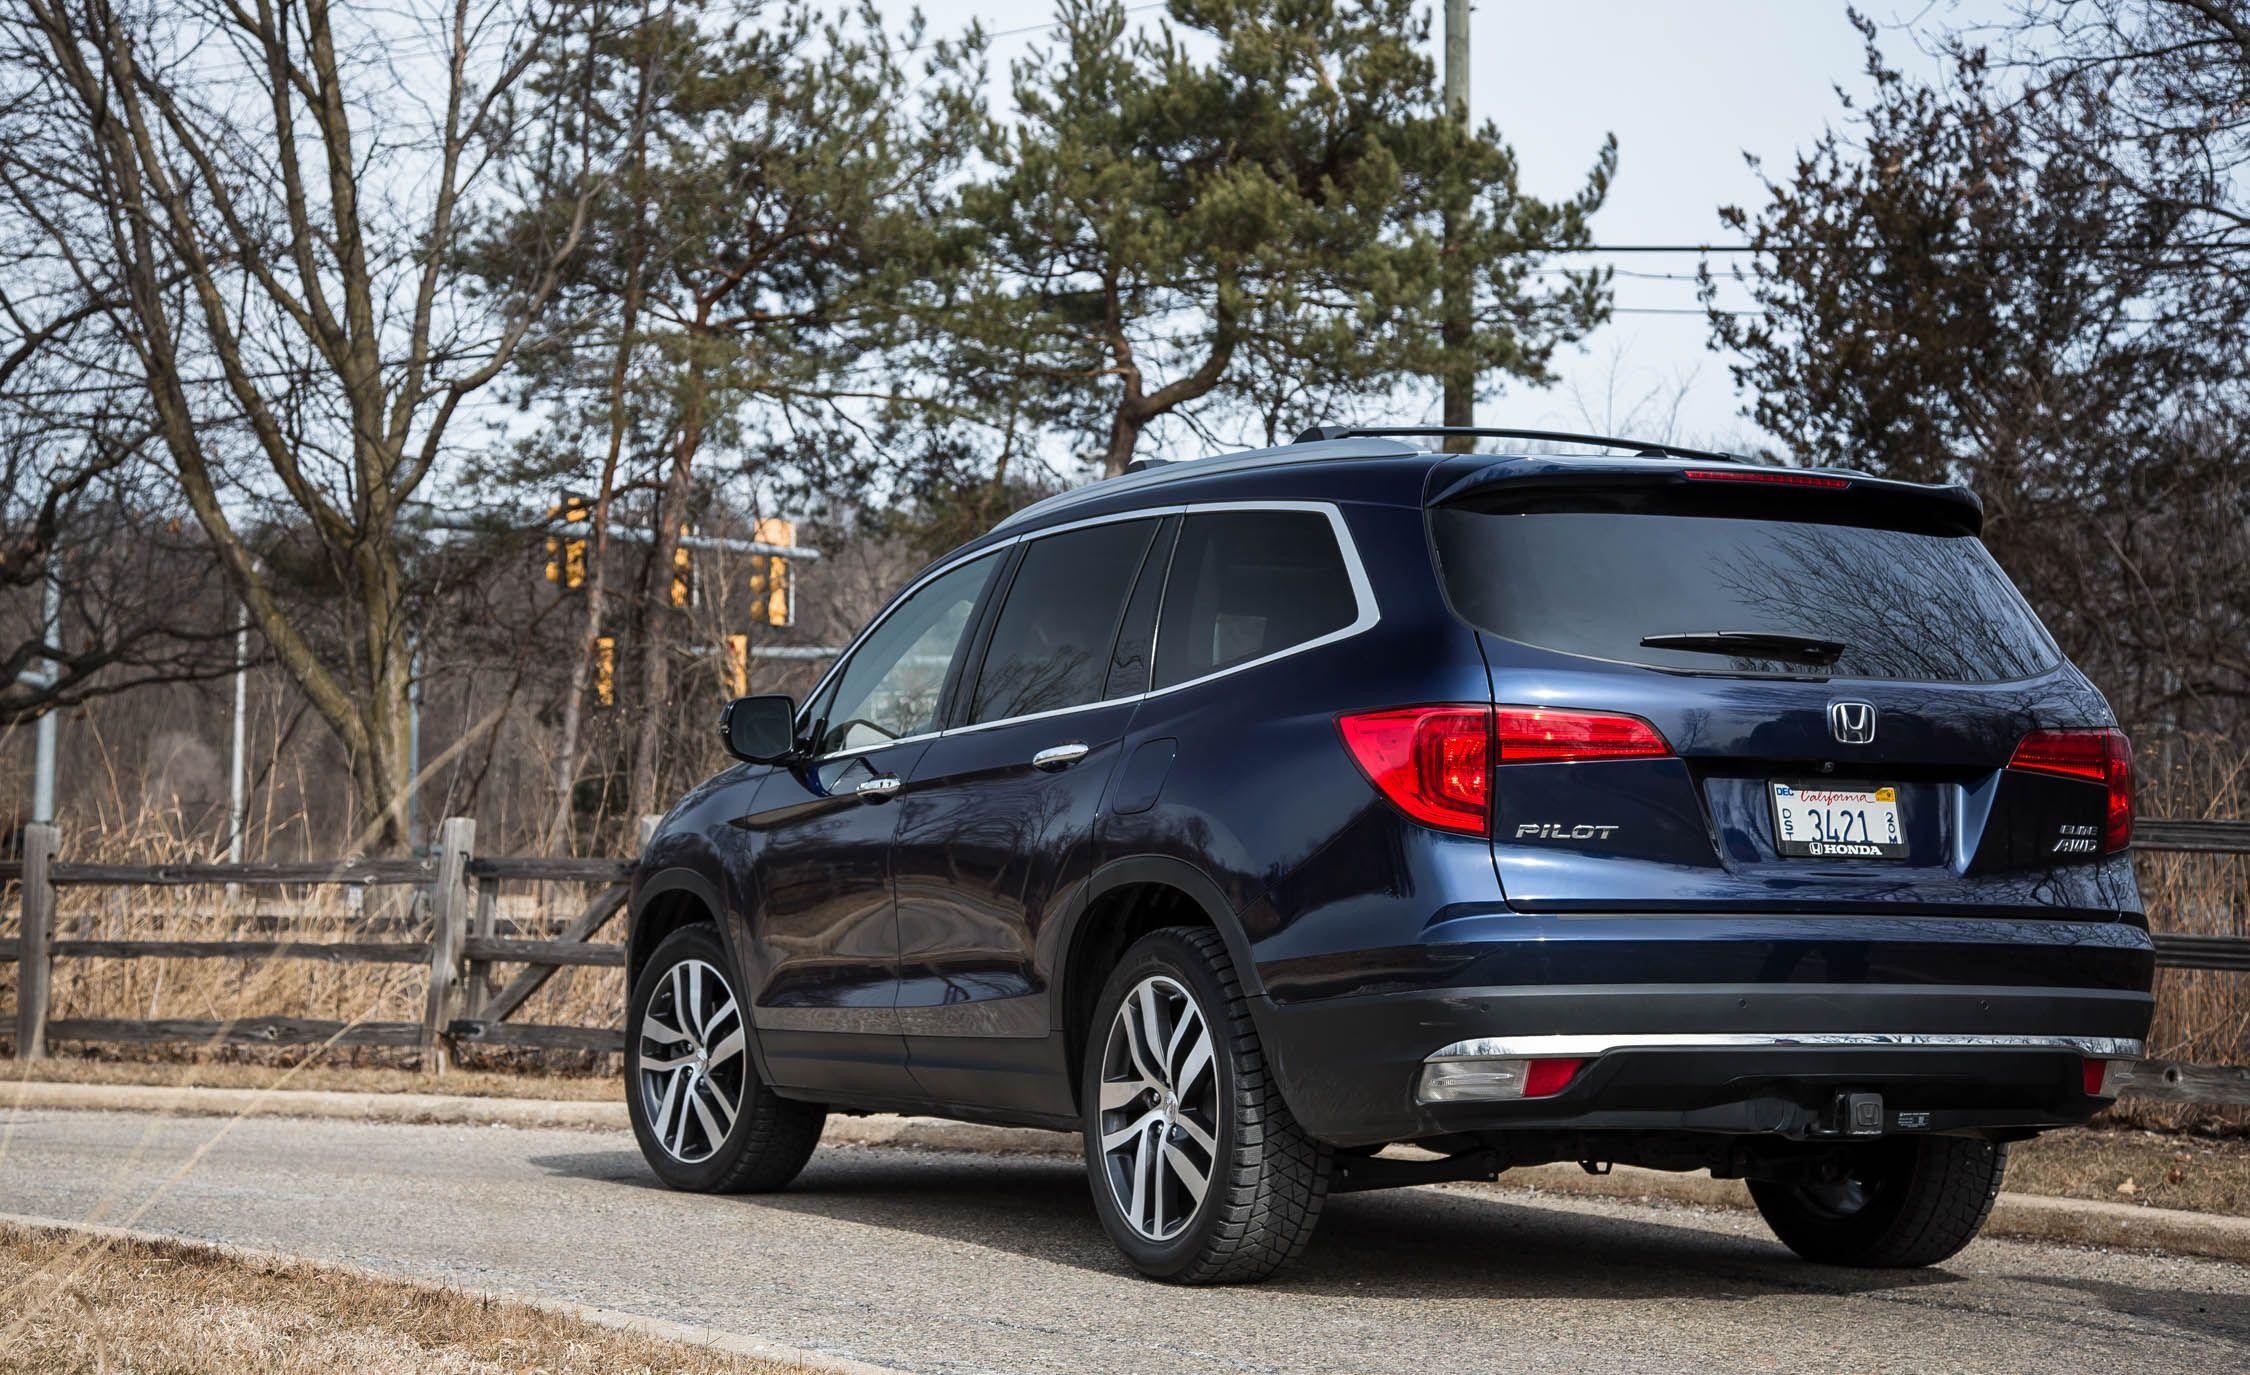 2017 honda pilot fuel economy review car and driver for 2017 honda pilot gas mileage